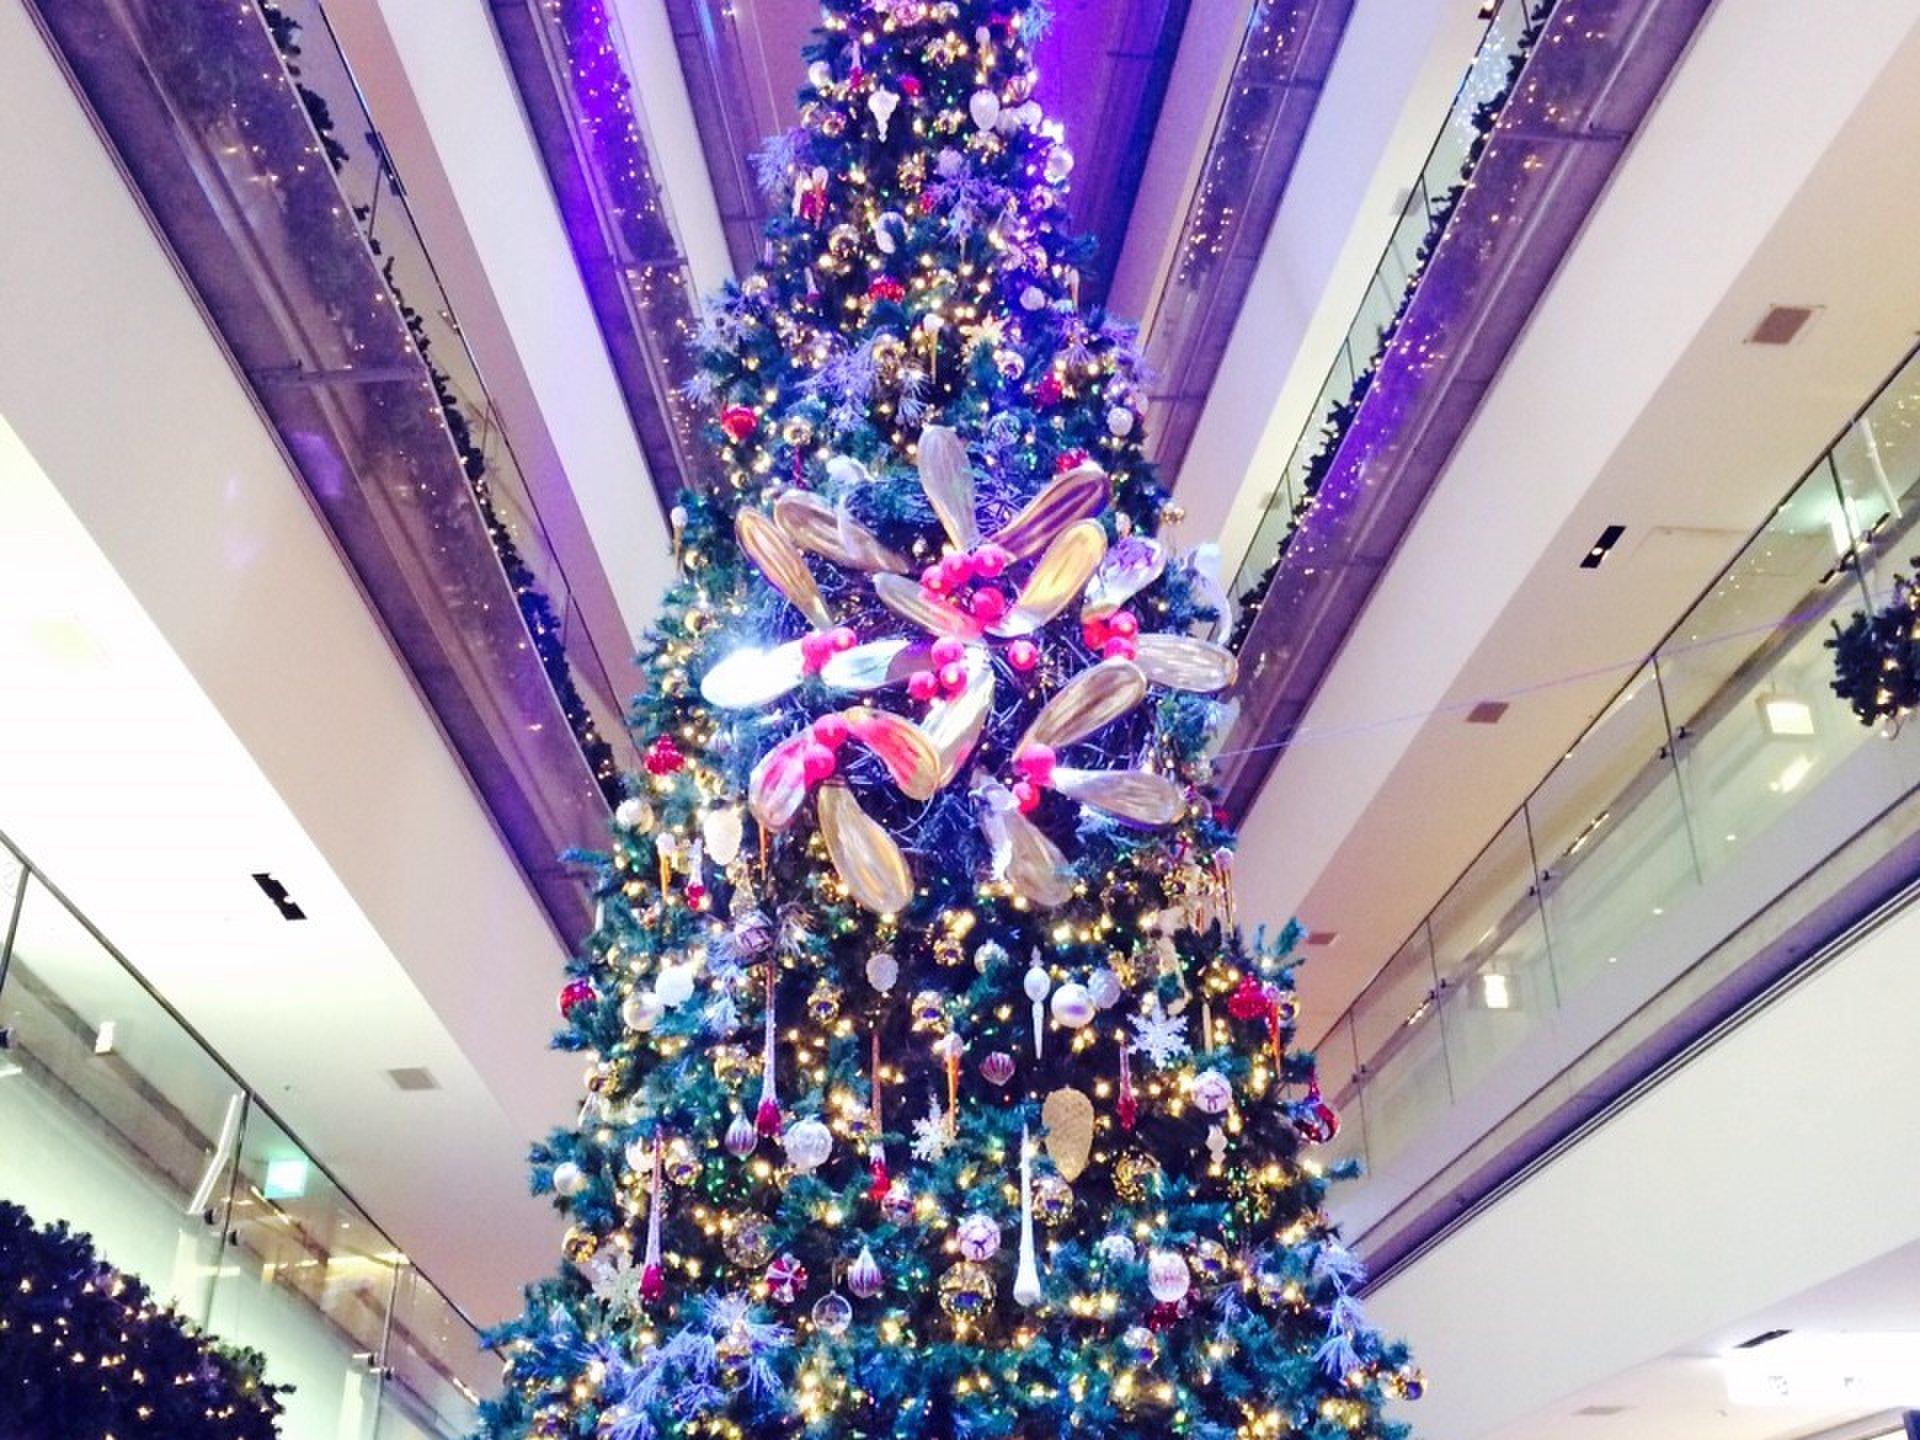 【クリスマスに行きたい記念日デート♪】定番イルミネーションからのおしゃれカフェで過ごす1日!